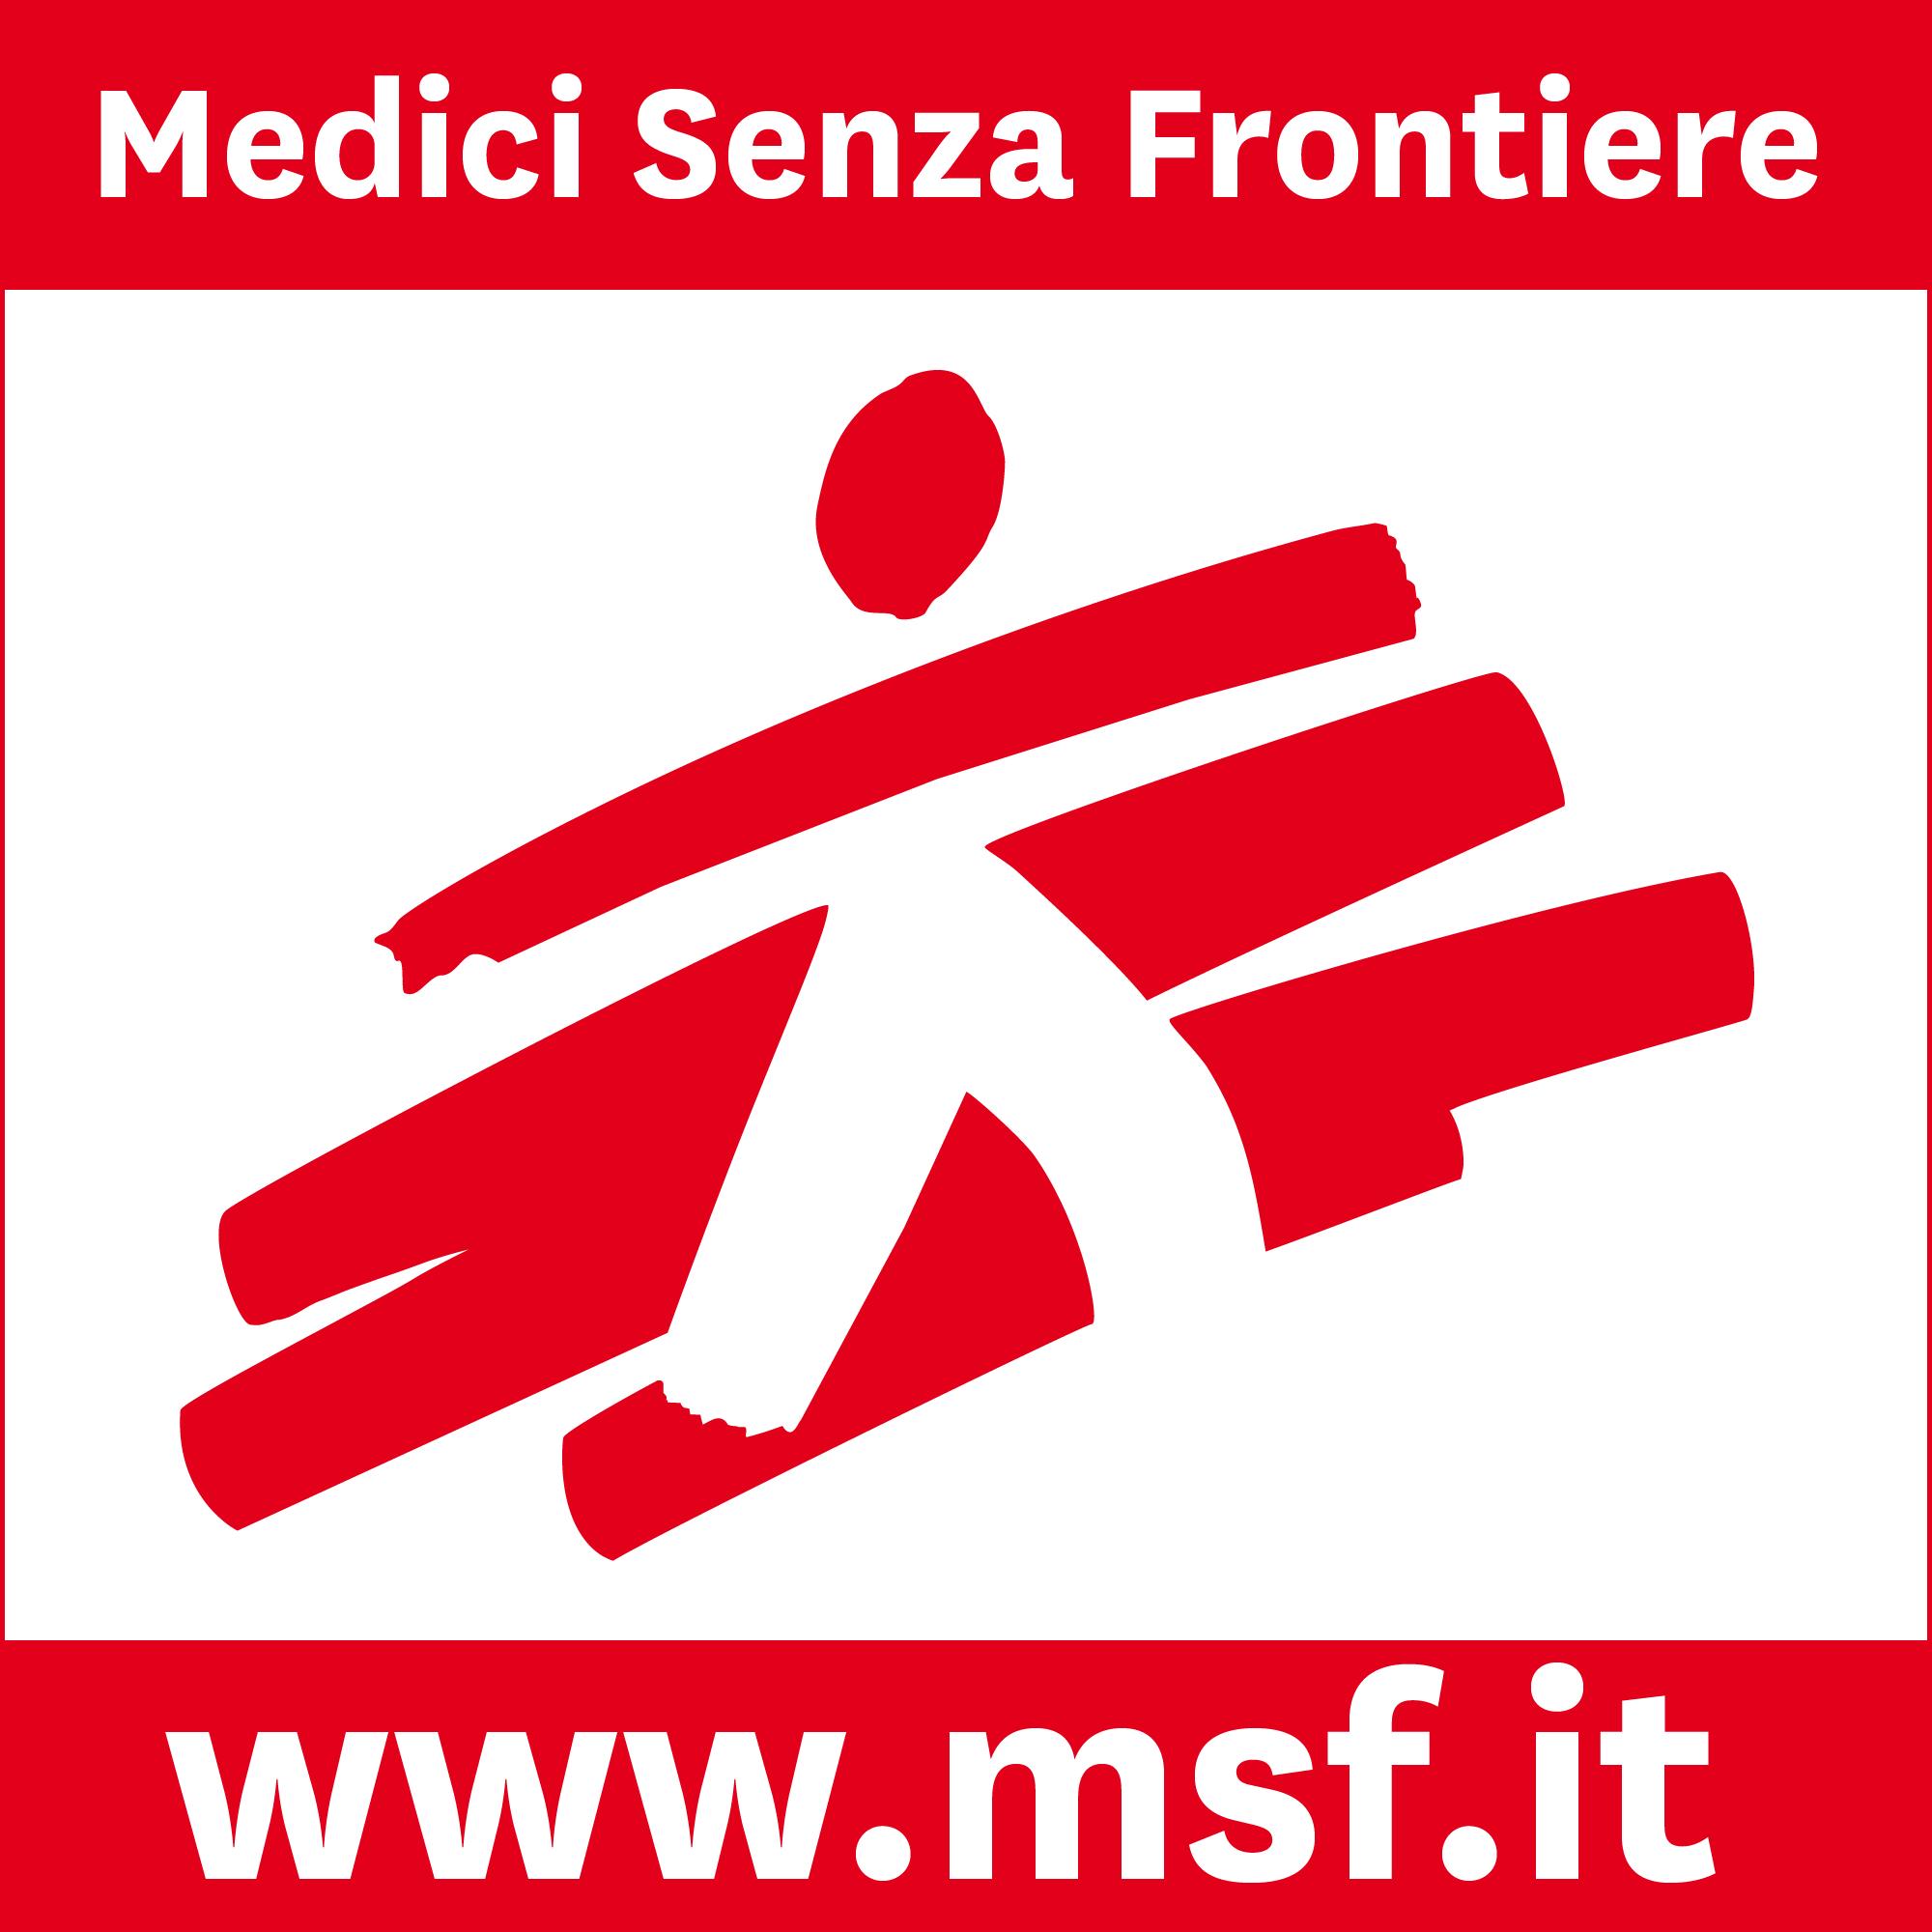 Arriva a Napoli l'ospedale di medici senza frontiere